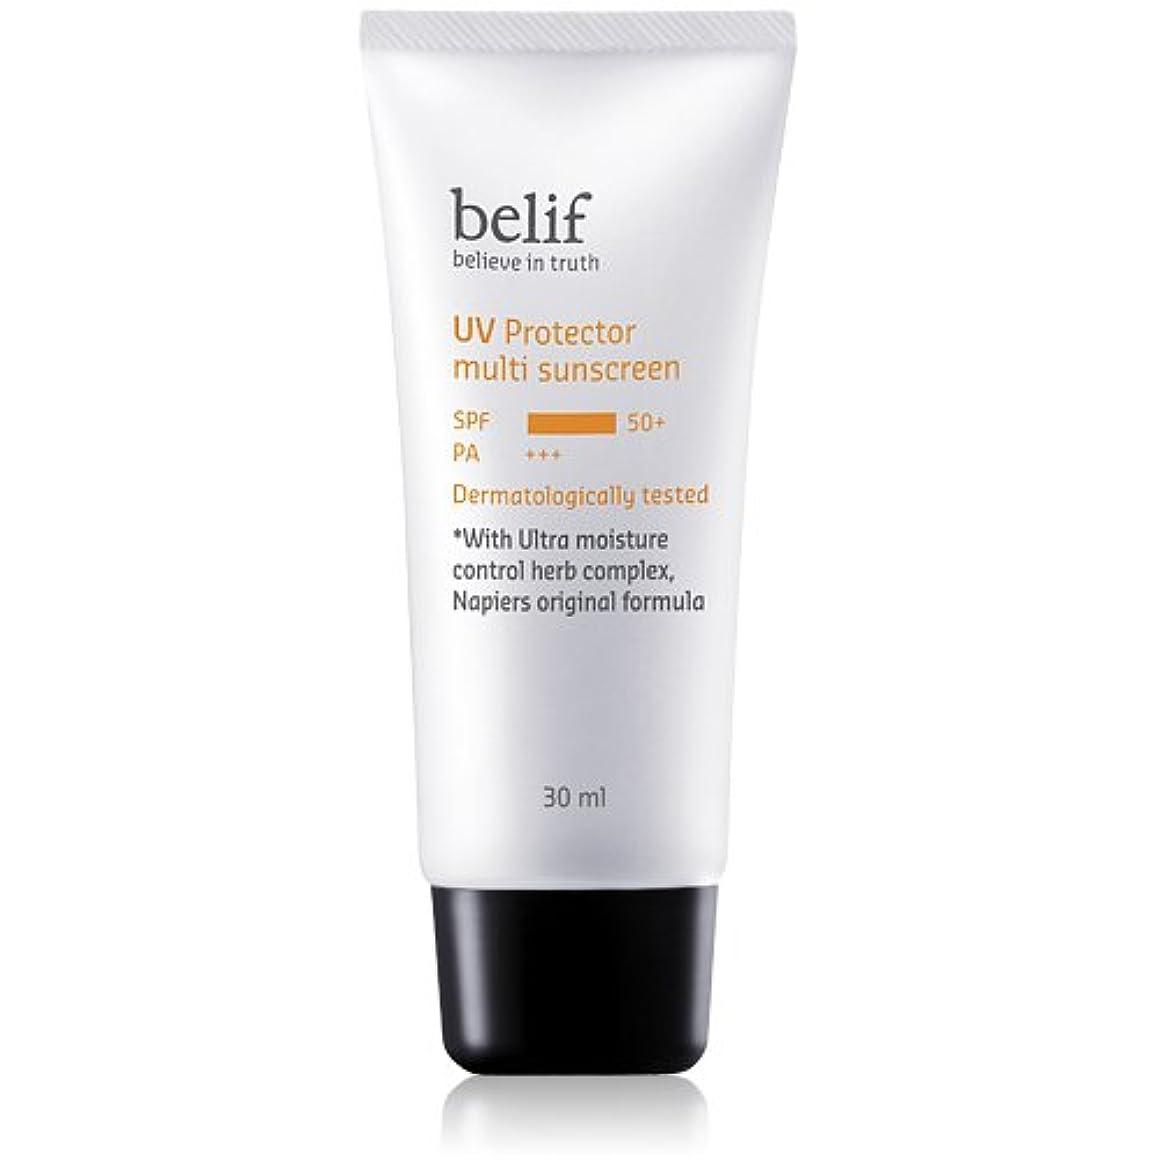 反抗十代まつげBelif(ビリーフ)UV Protector Multi sunscreen 30ml/ビリーフUVプロテクターマルチサンスクリーン